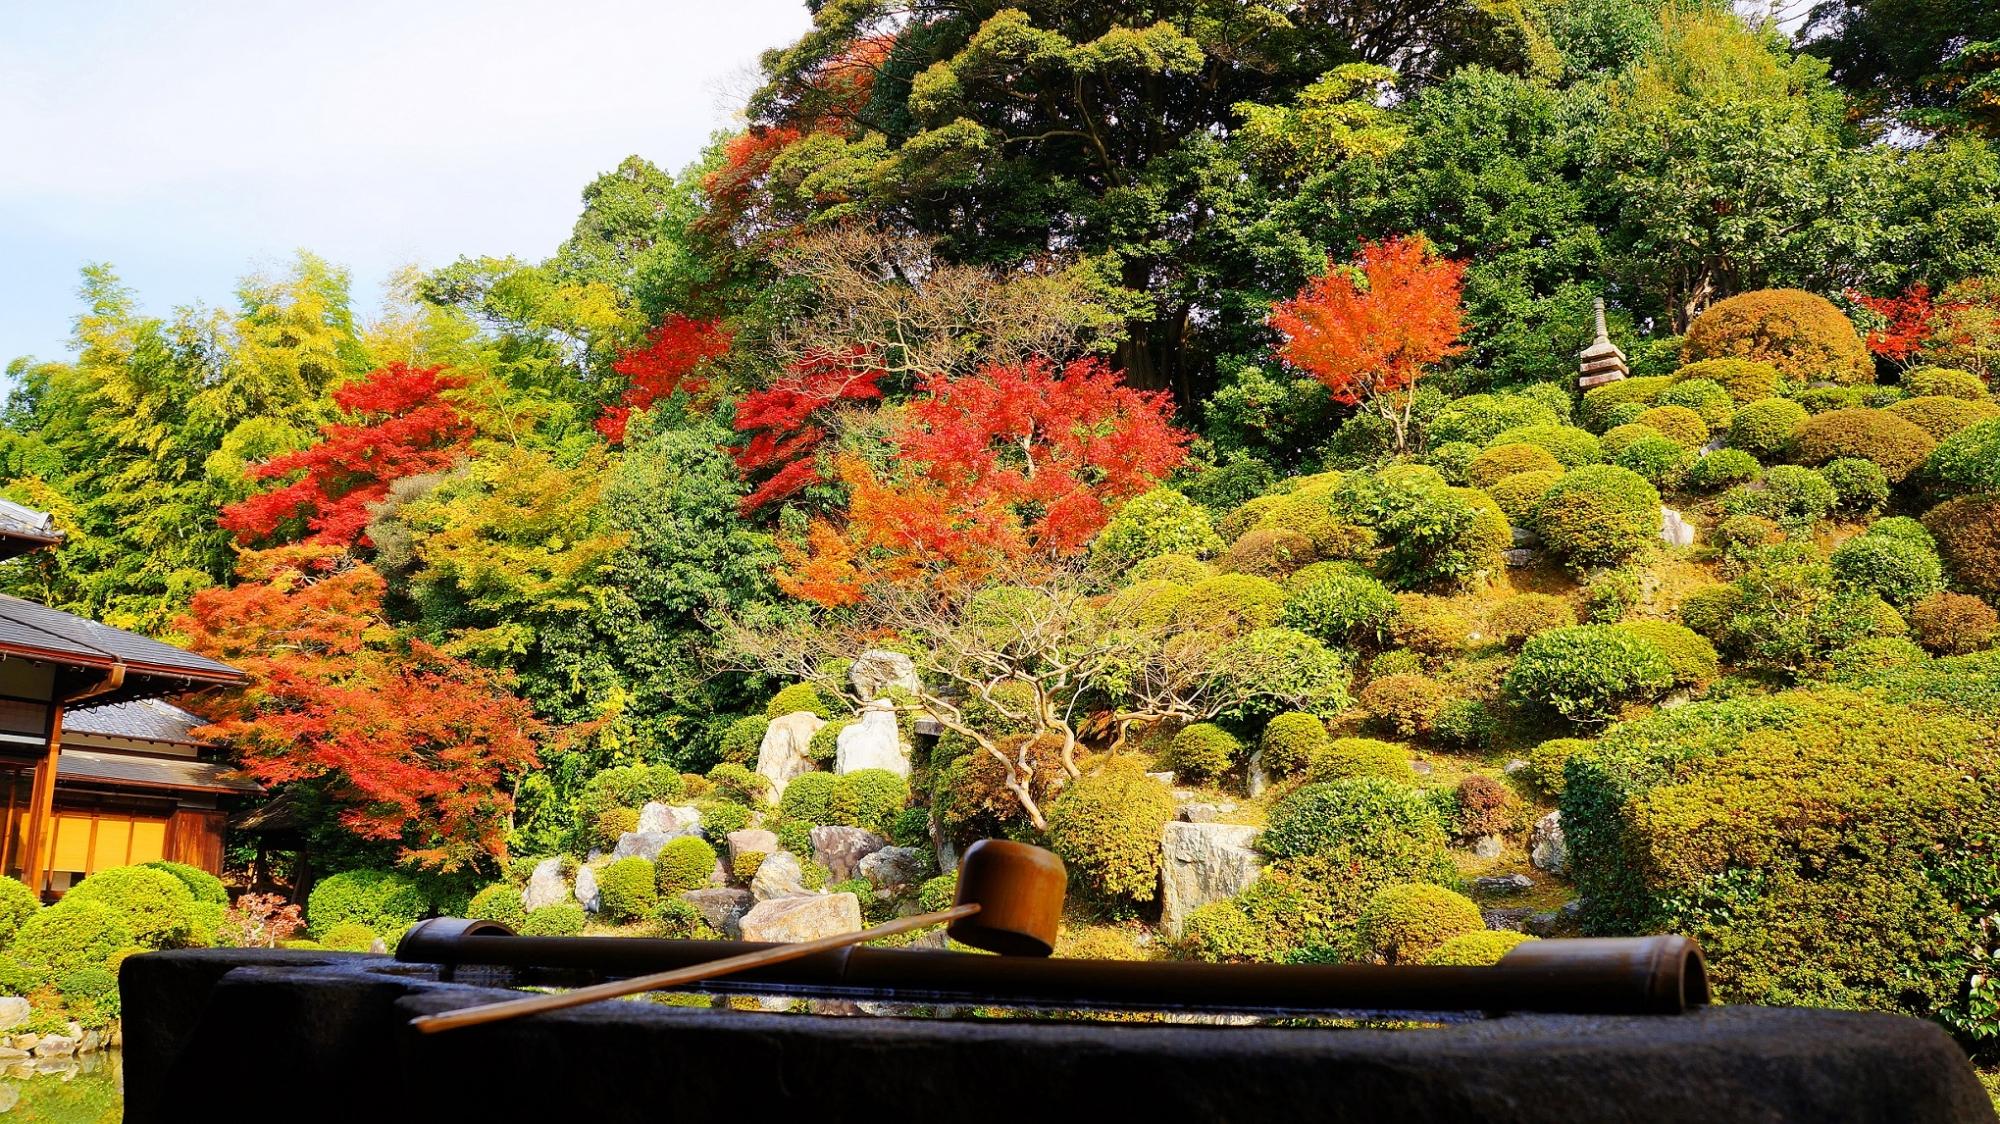 智積院の秋の名勝庭園を演出する一文字の手水鉢